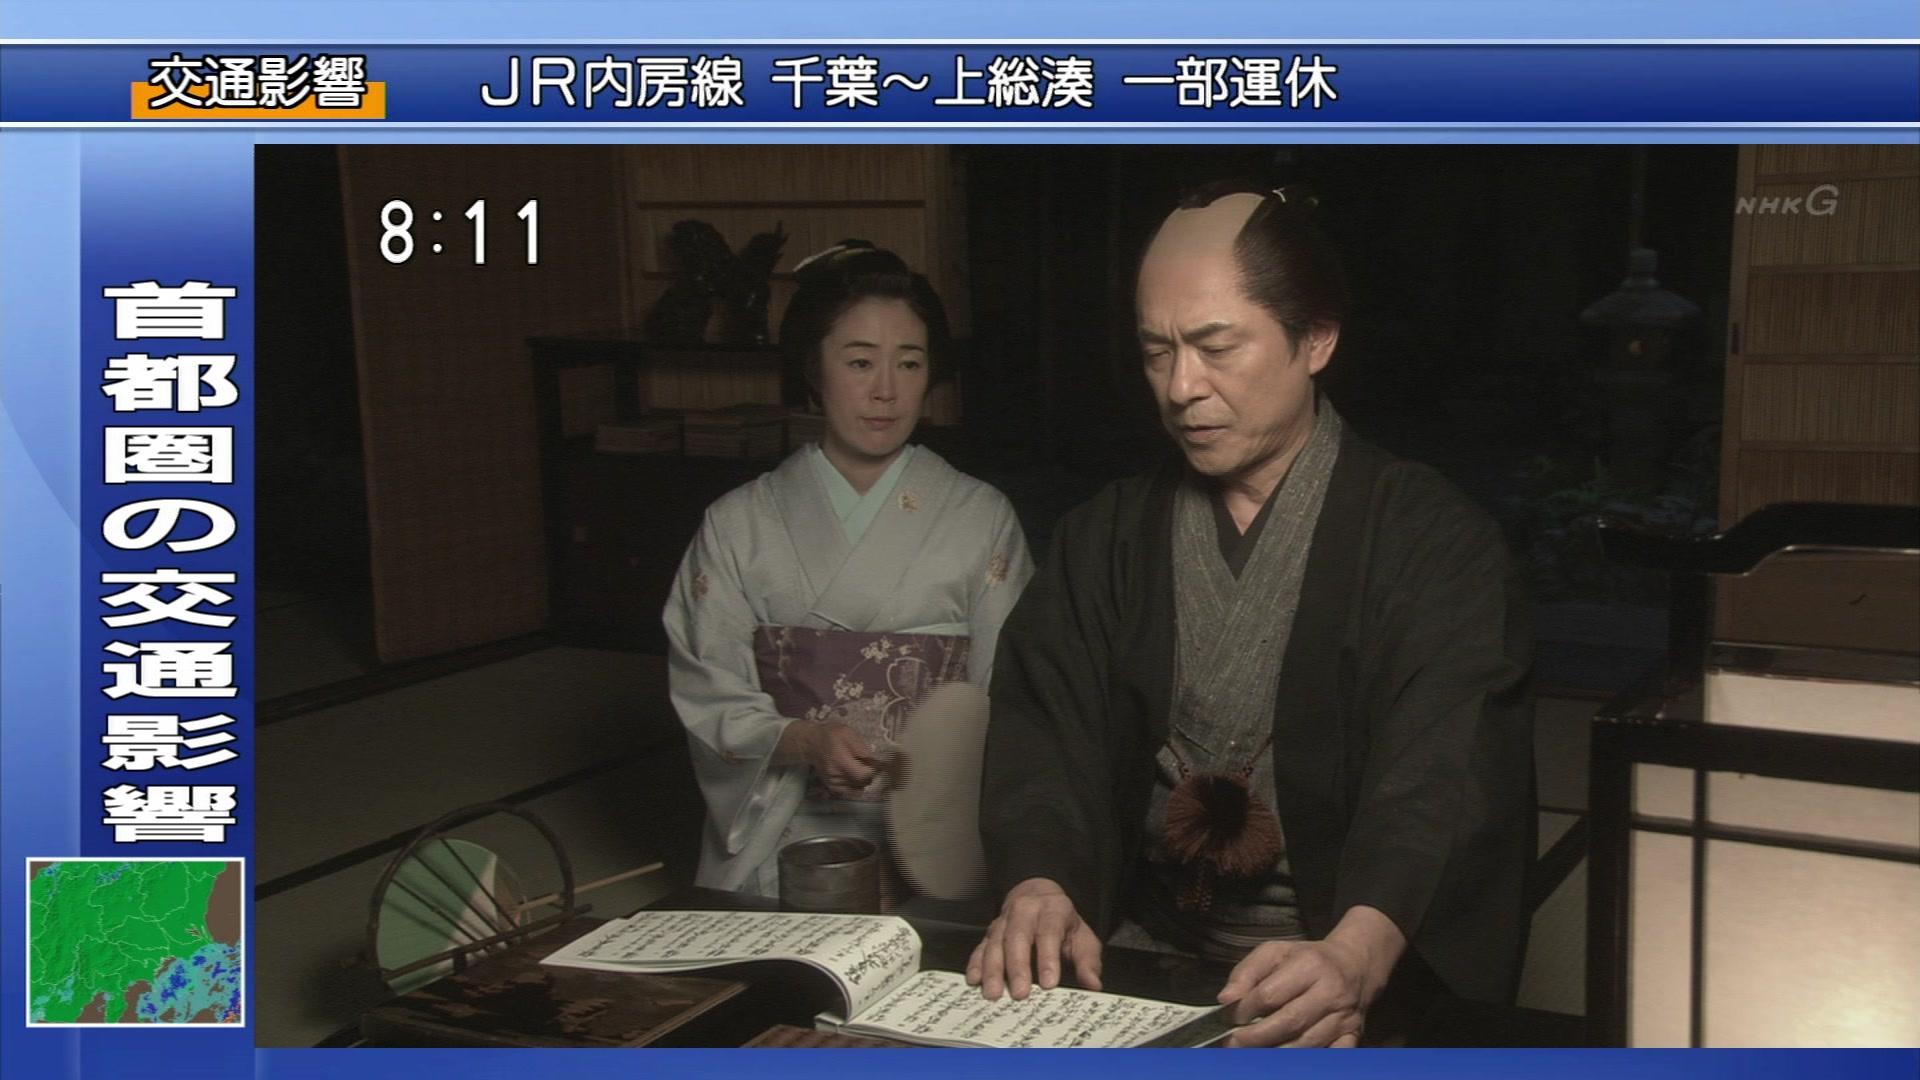 2015-10-02 08:00 連続テレビ小説 あさが来た(5)「小さな許嫁(いいなずけ)」 2045